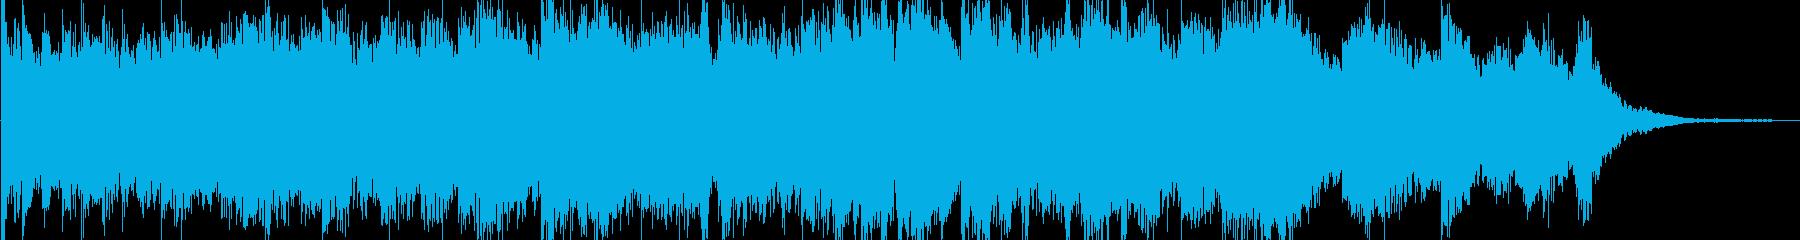 刺激的で奇妙なダークサウンドの再生済みの波形